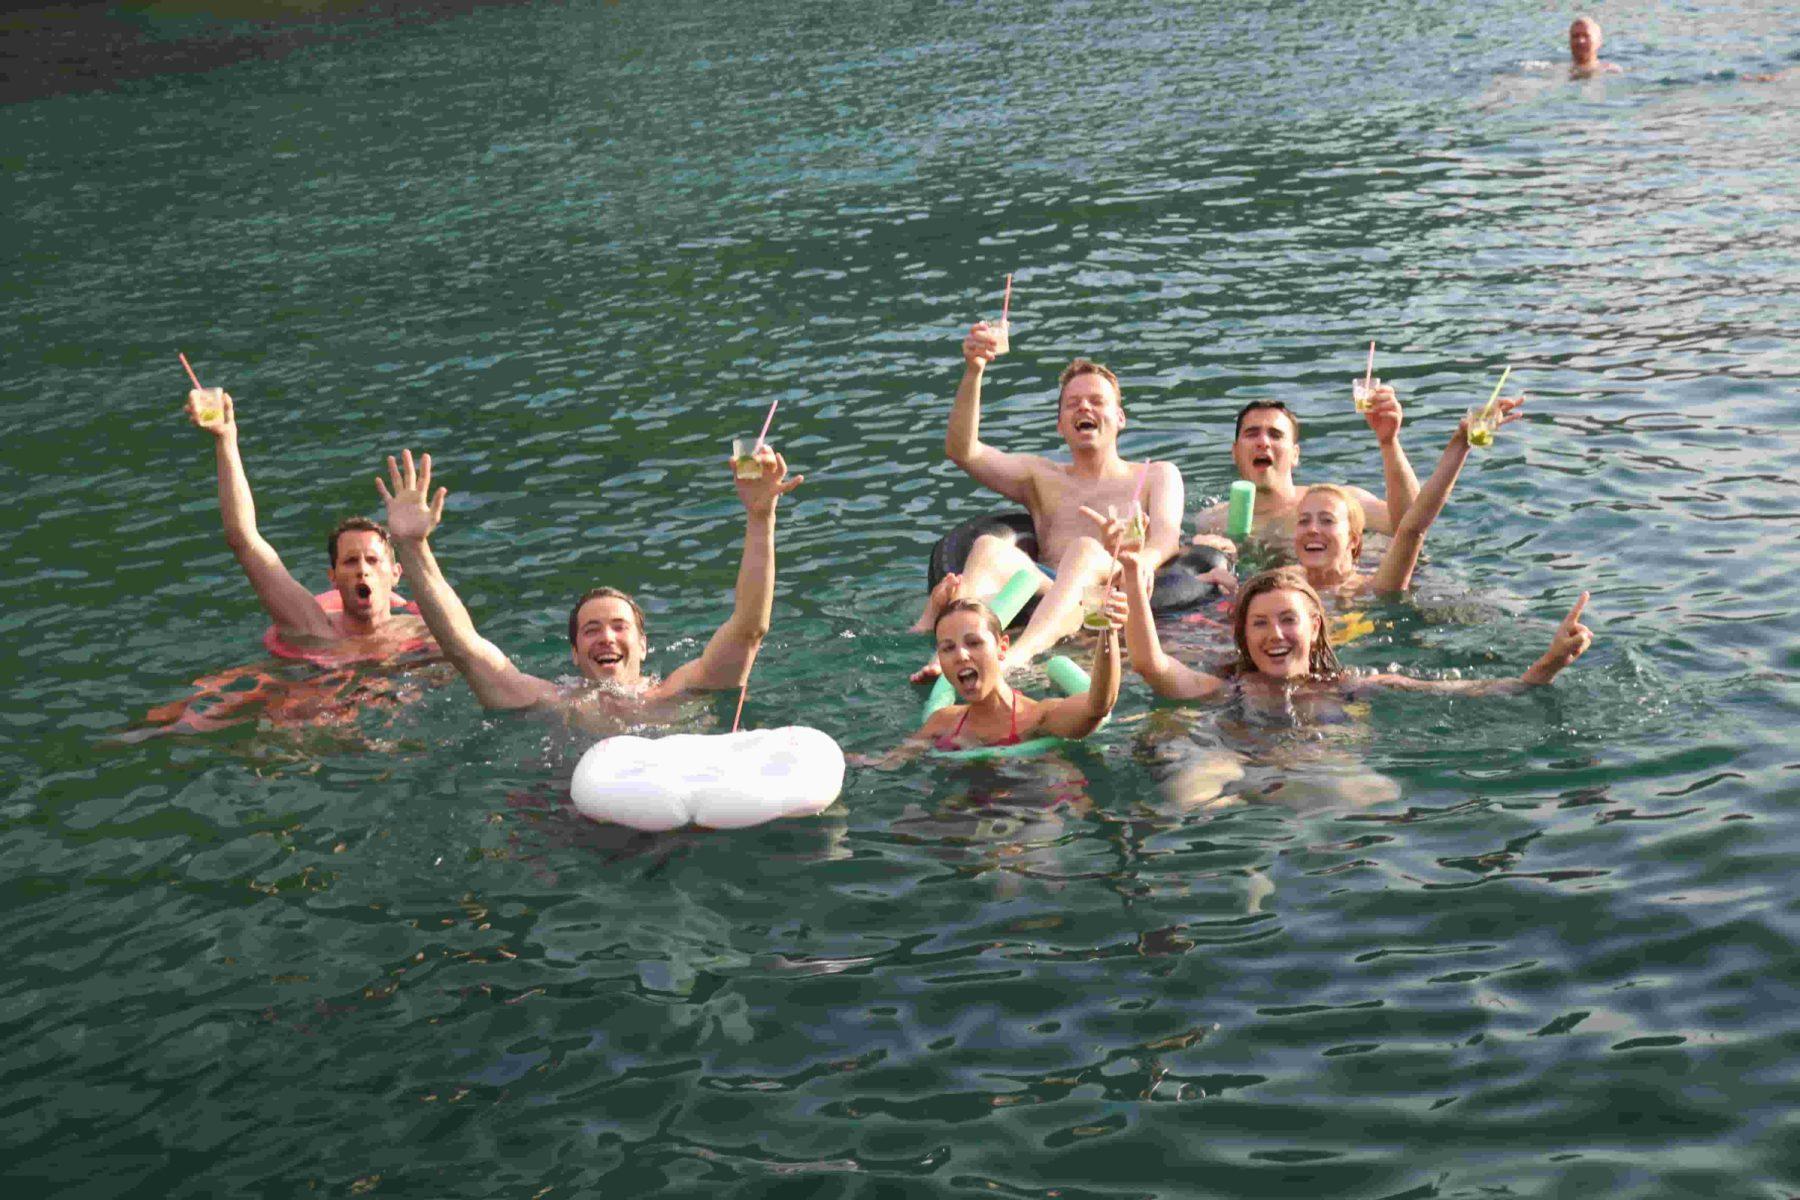 Spaß beim Schwimmen im kristallklaren Wasser